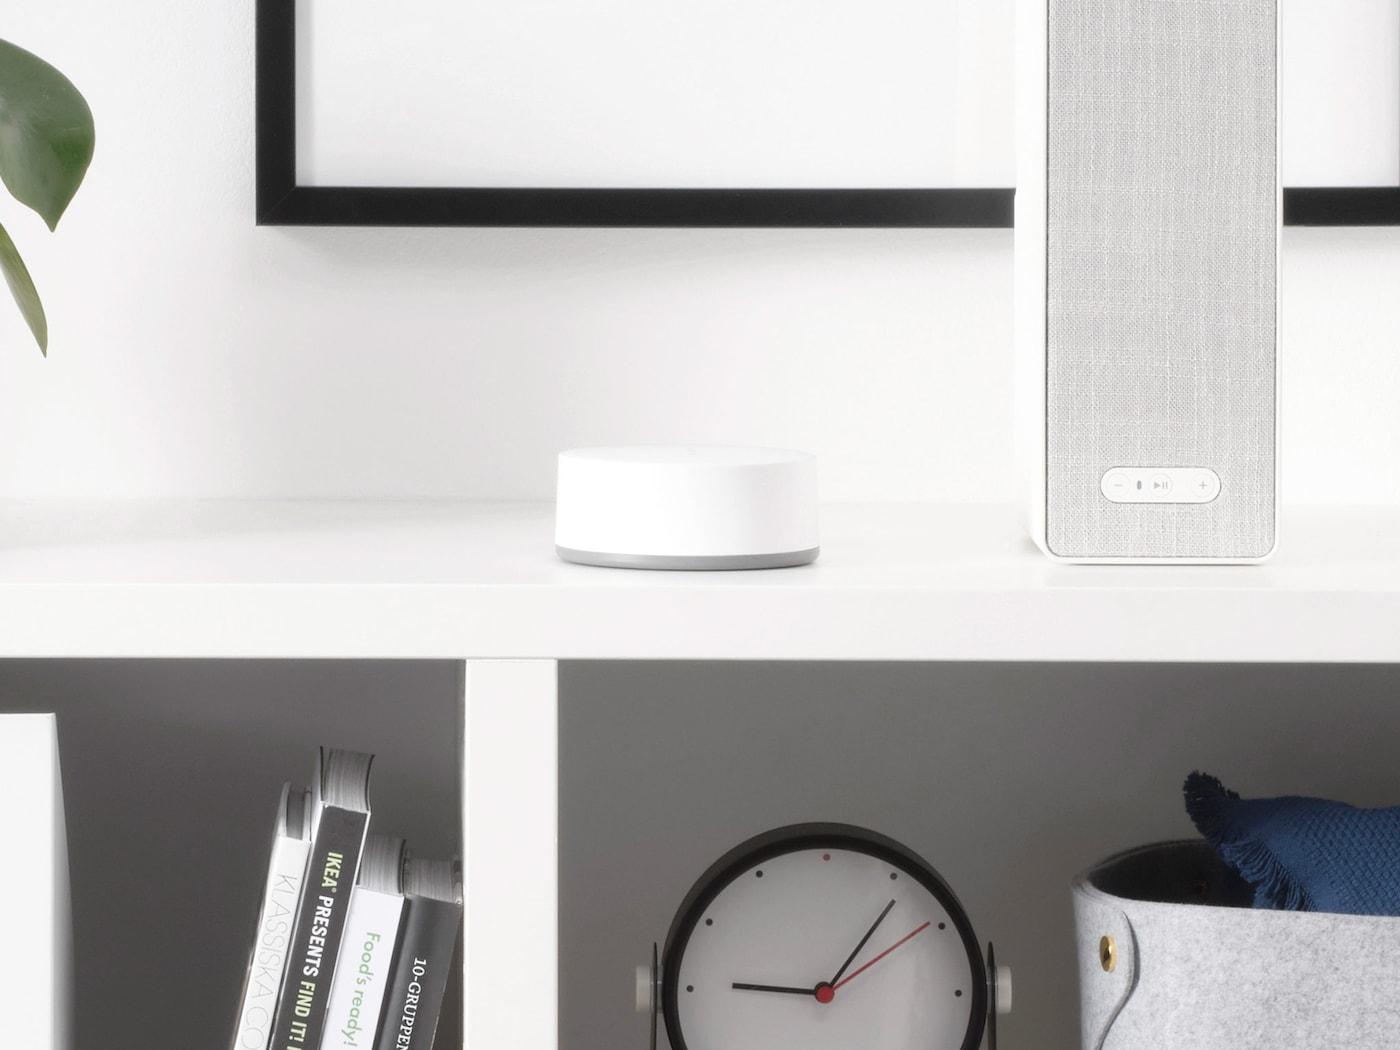 อุปกรณ์เกตเวย์ TRÅDFRI/ทรวดฟรี อยู่บนตู้หนังสือสีขาวที่ตกแต่งไว้แล้ว